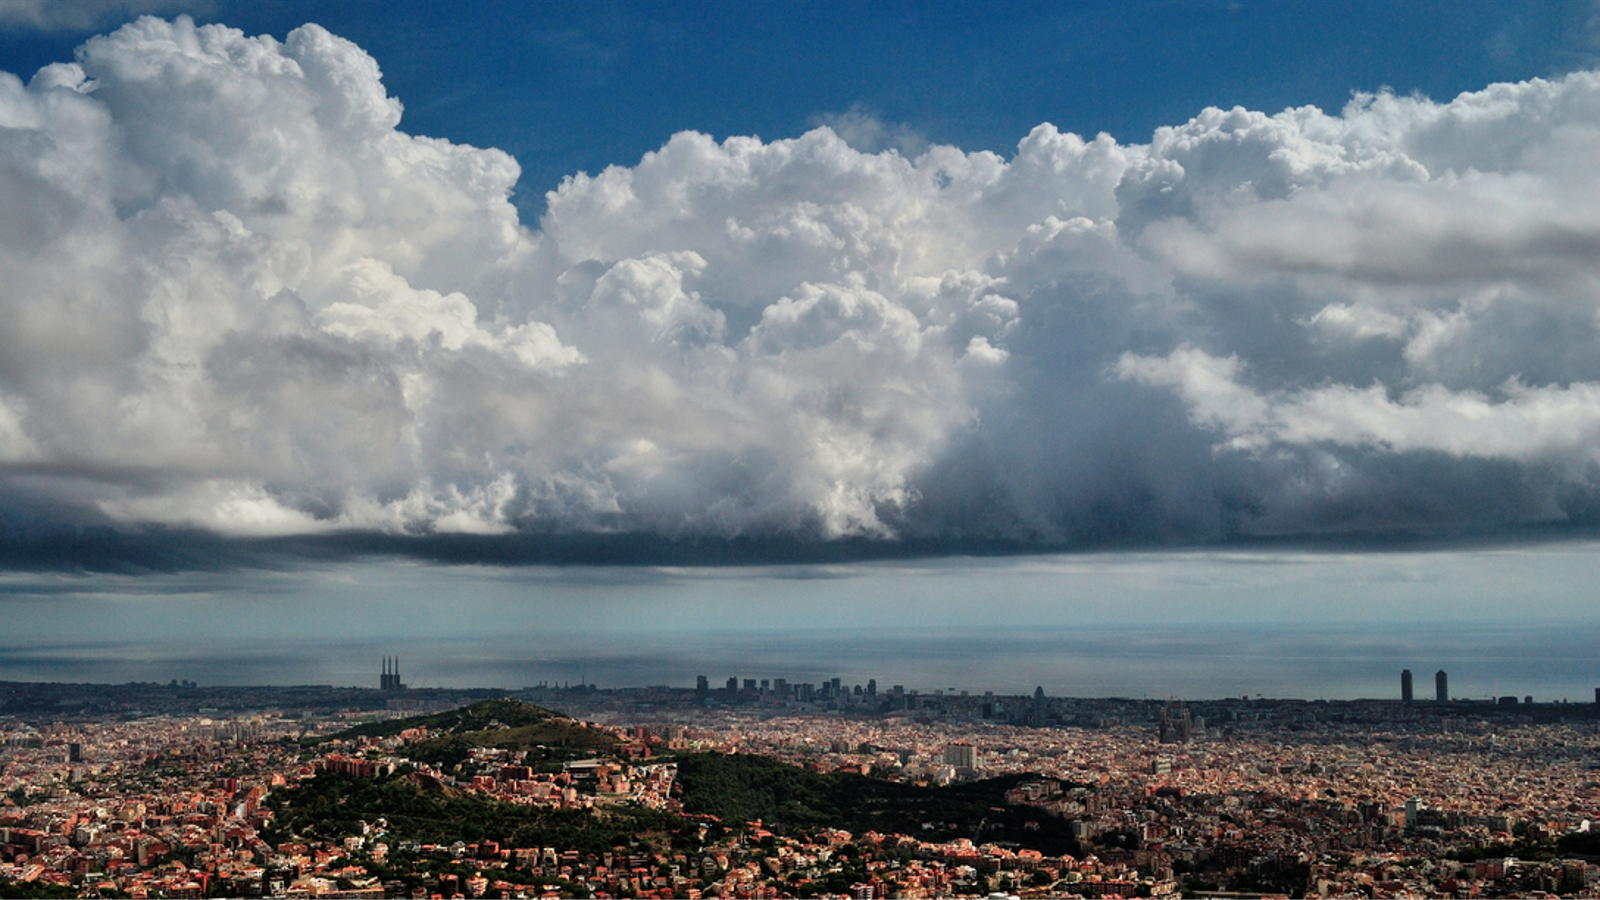 El nou Atles Internacional de Núvols inclou diverses fotos de l'Observatori Fabra